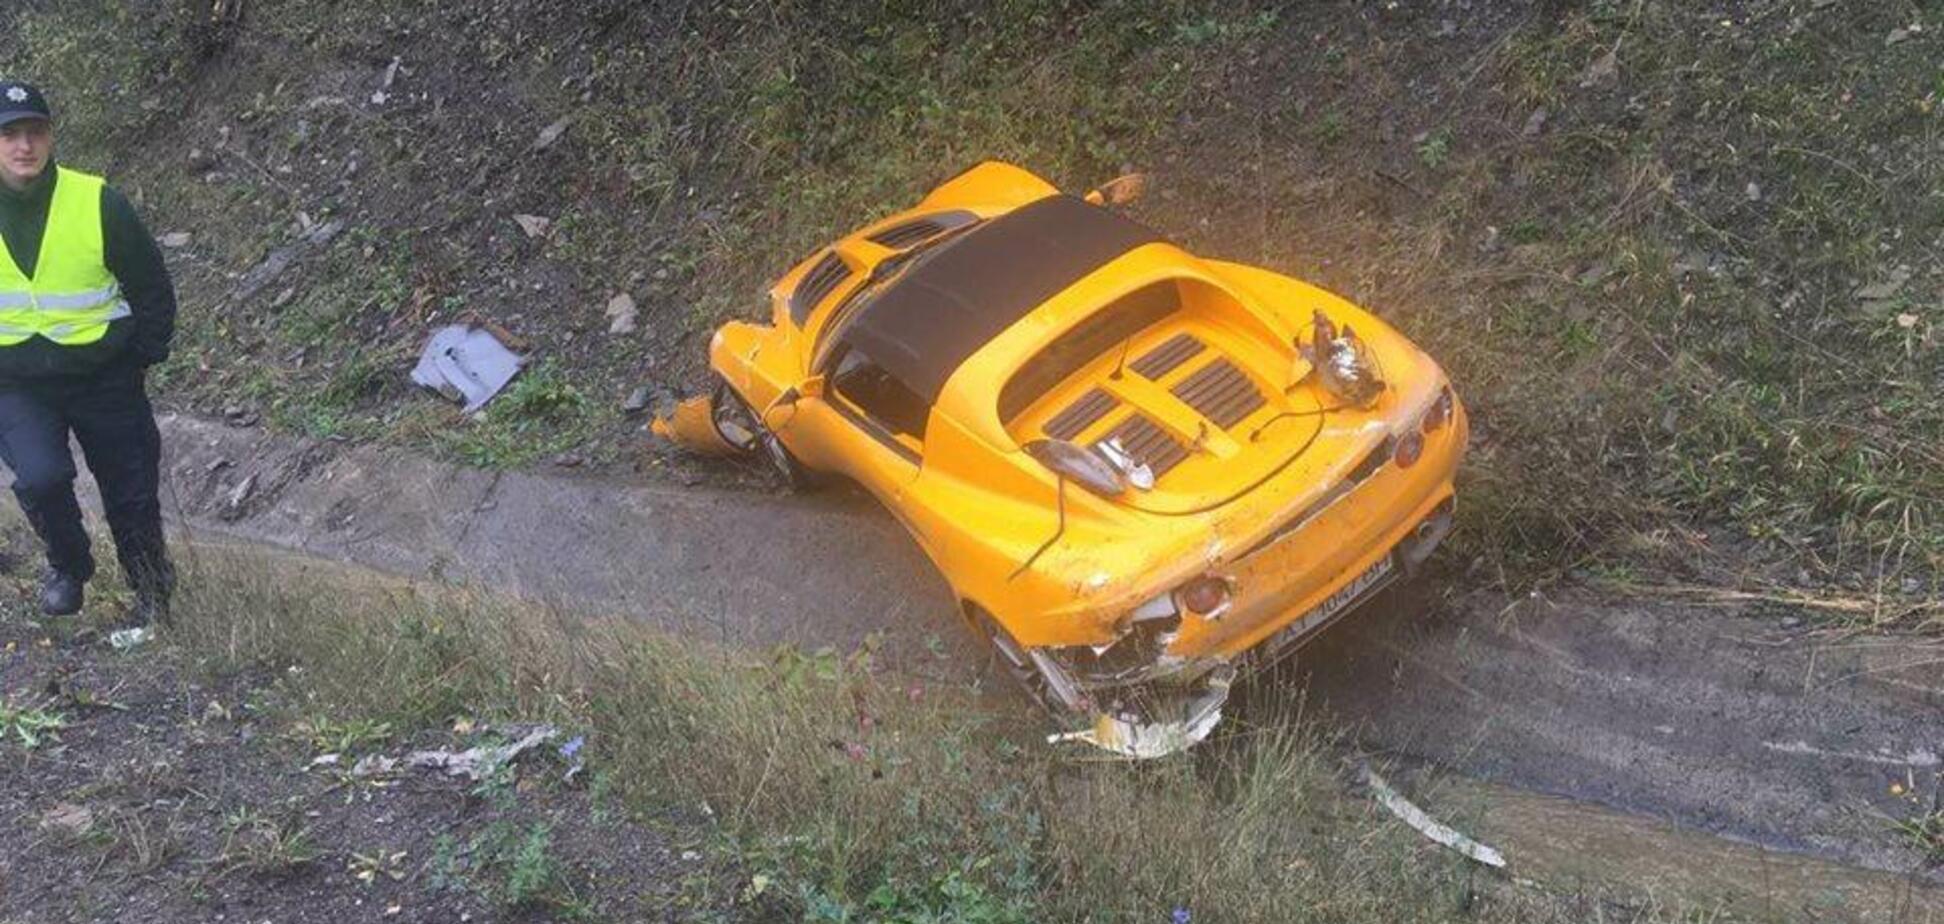 У Закарпатській області рідкісний британський спорткар злетів з траси: опубліковані фото